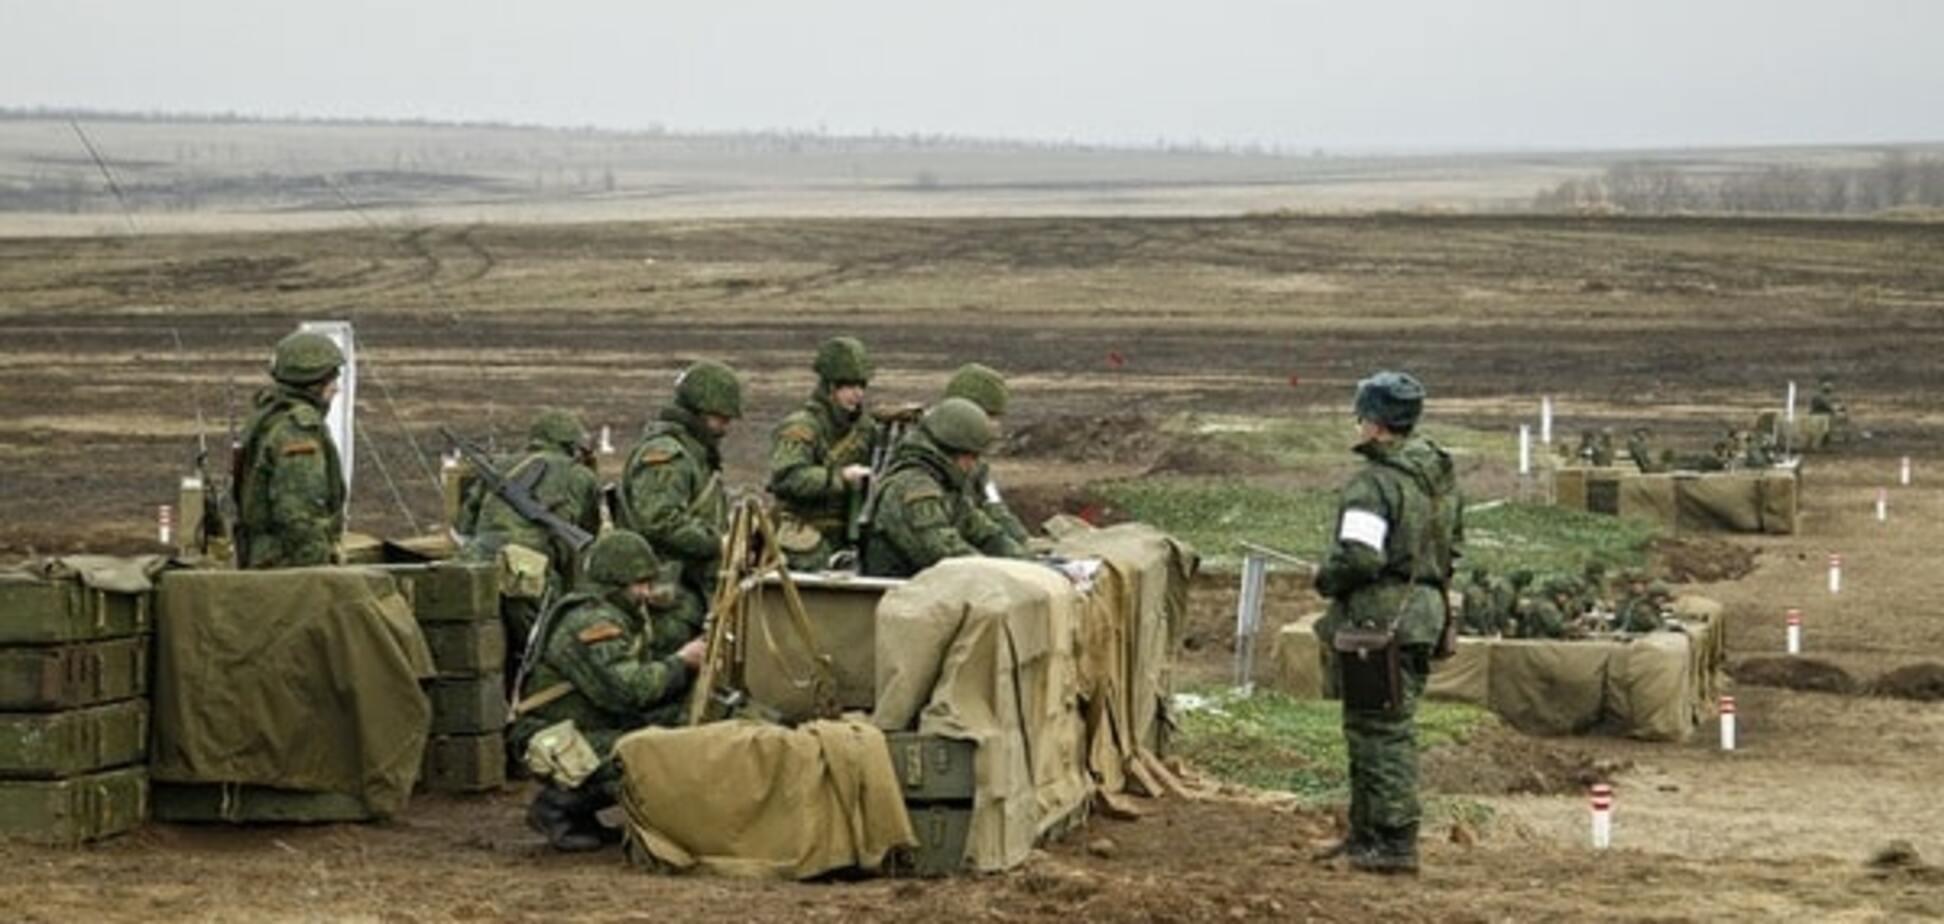 Штаб АТО повідомив про нову провокацію терористів на Донбасі